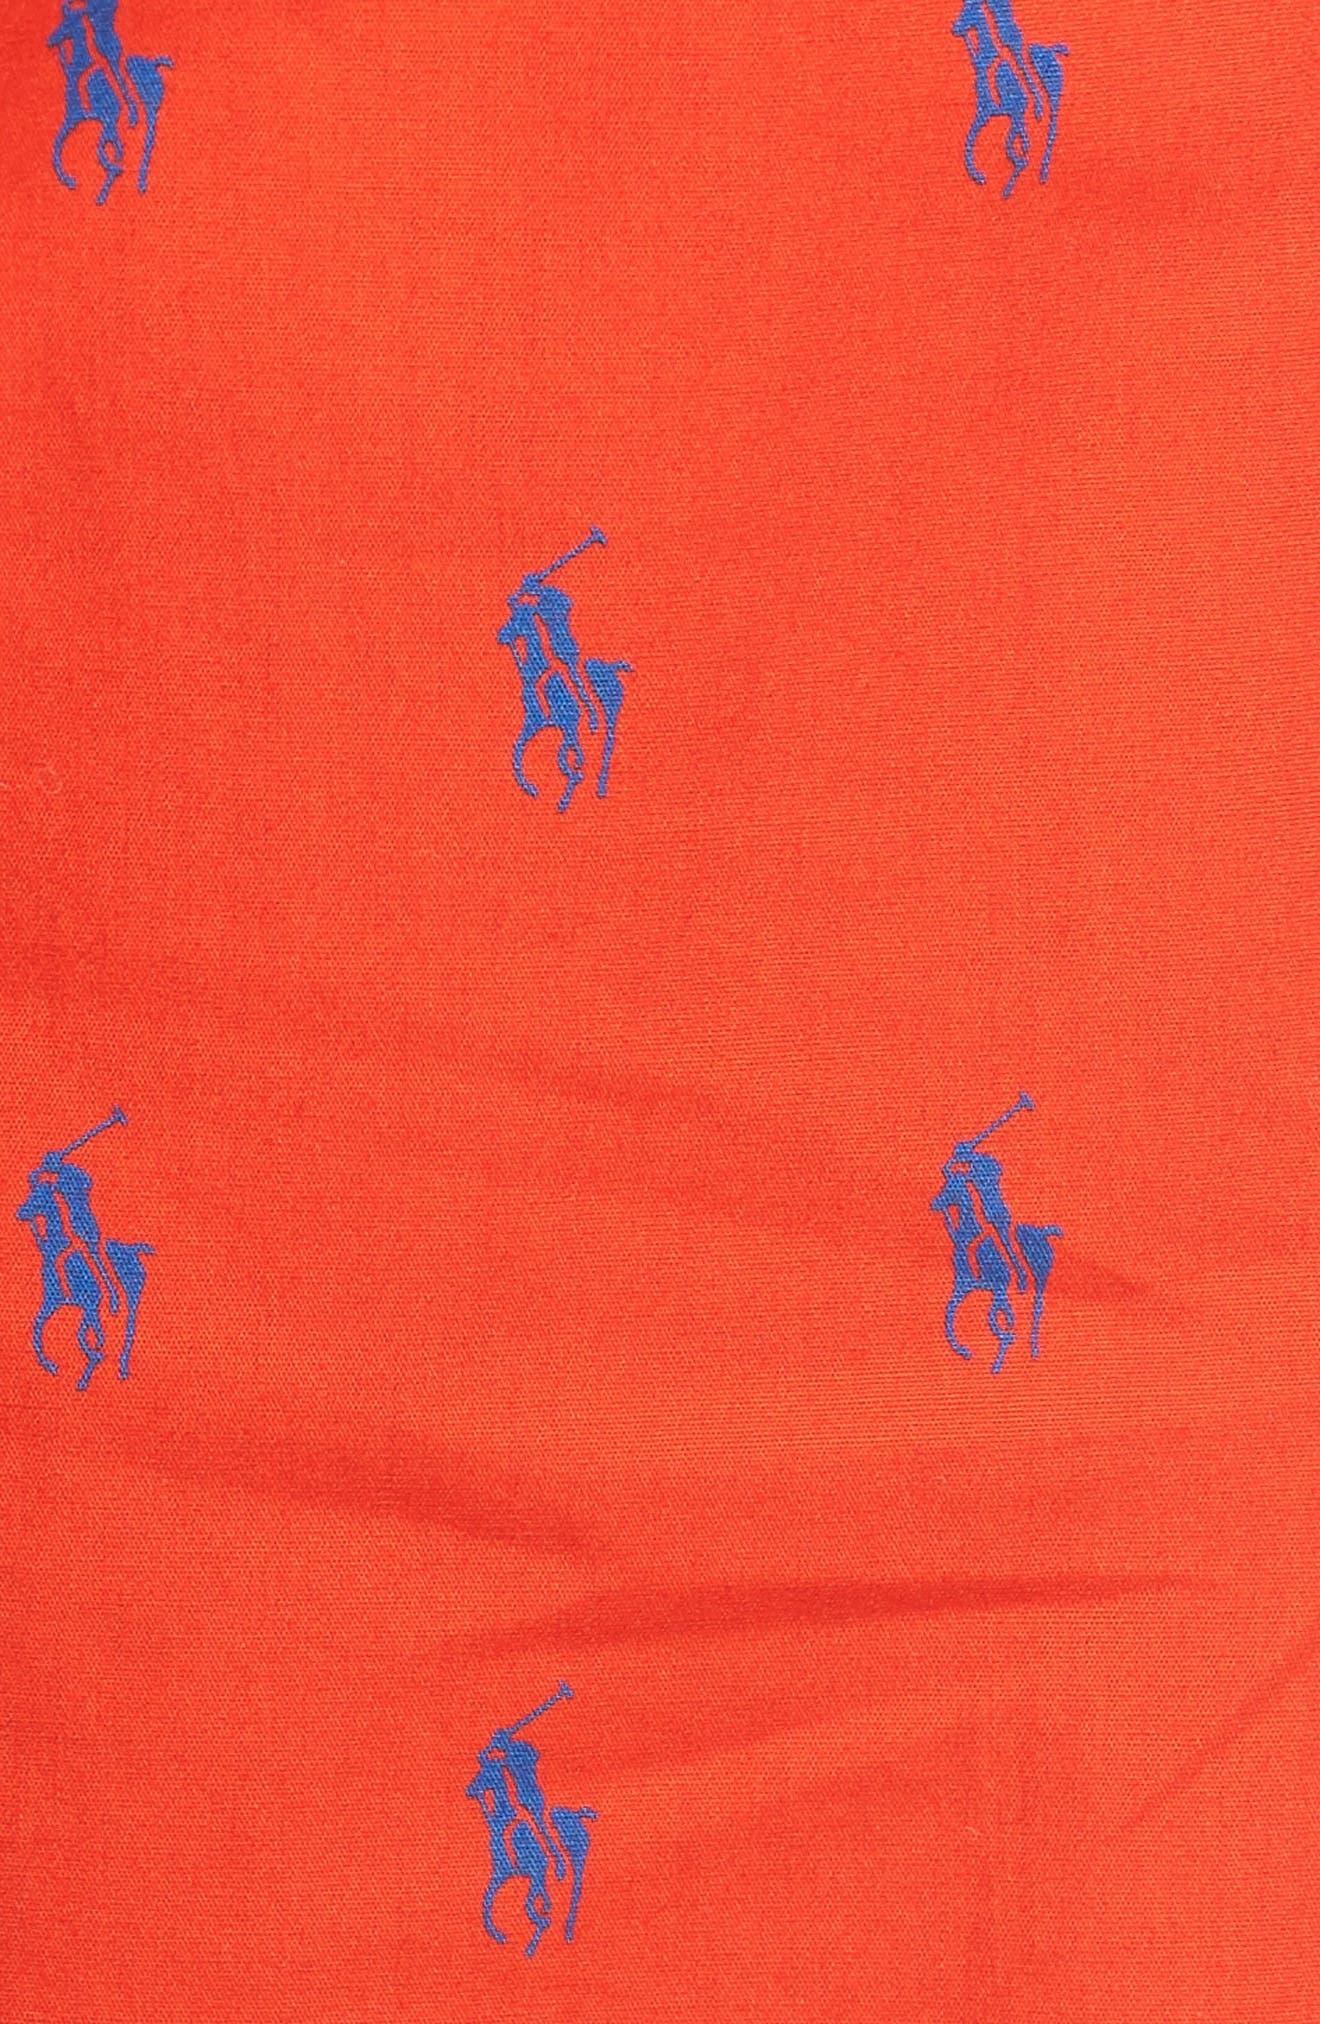 Polo Ralph Lauren Cotton Lounge Pants,                             Alternate thumbnail 25, color,